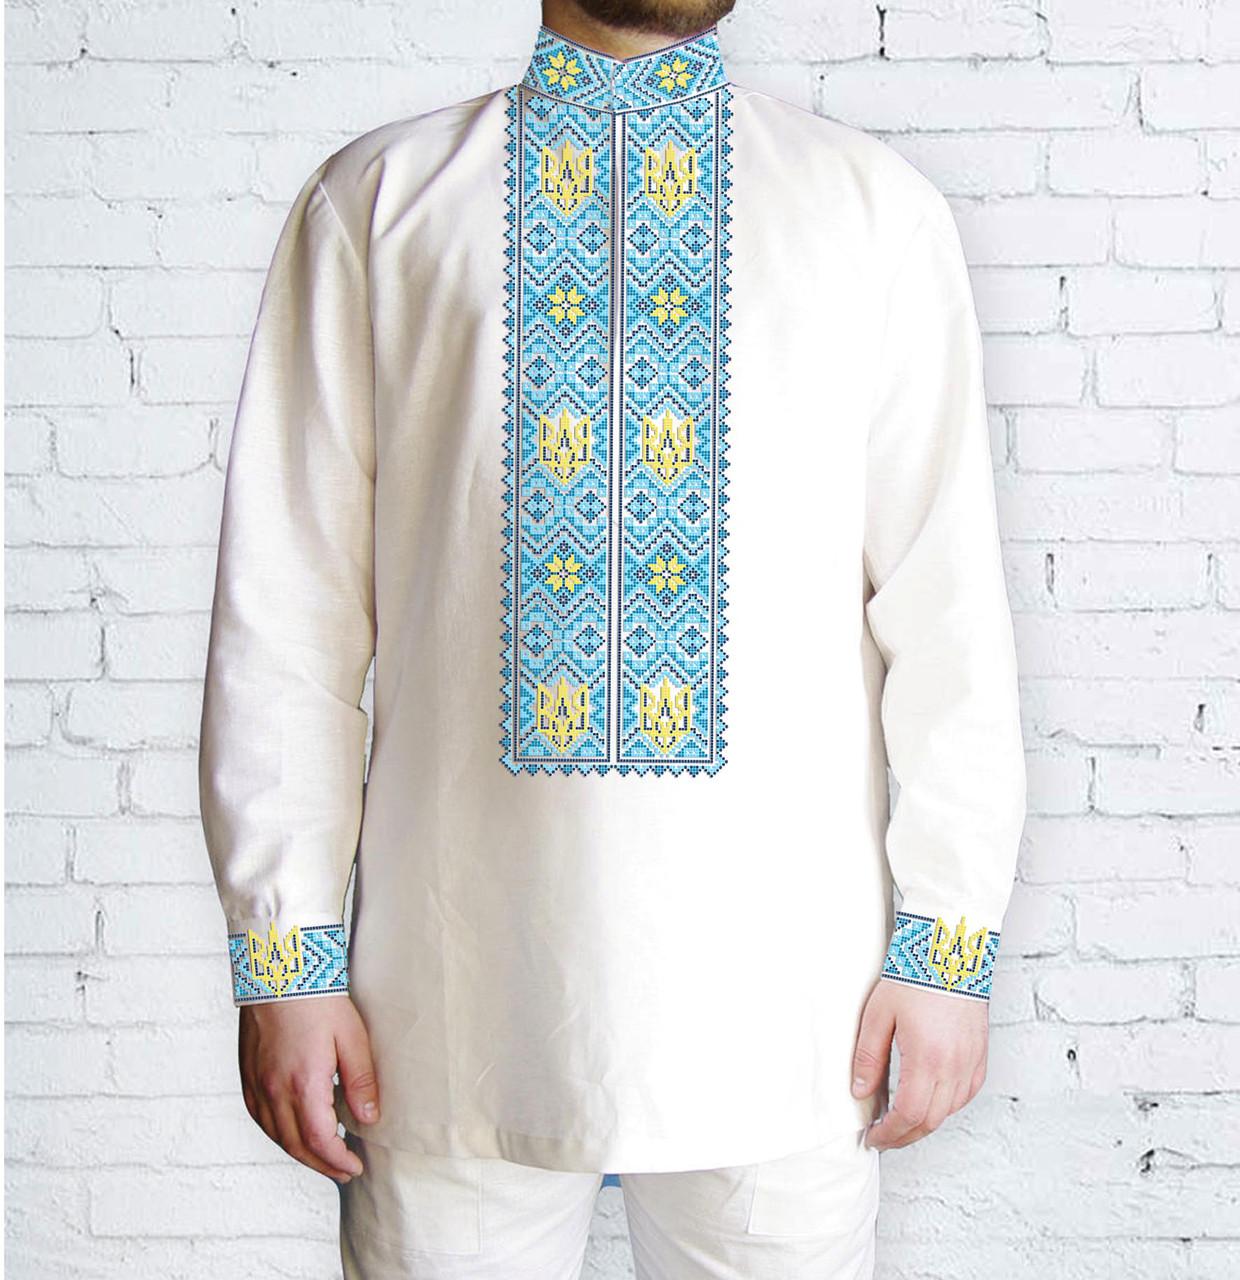 Заготовка чоловічої сорочки та вишиванки для вишивки чи вишивання бісером Бисерок «Тризуб 521 Г» (Ч-521 Г )